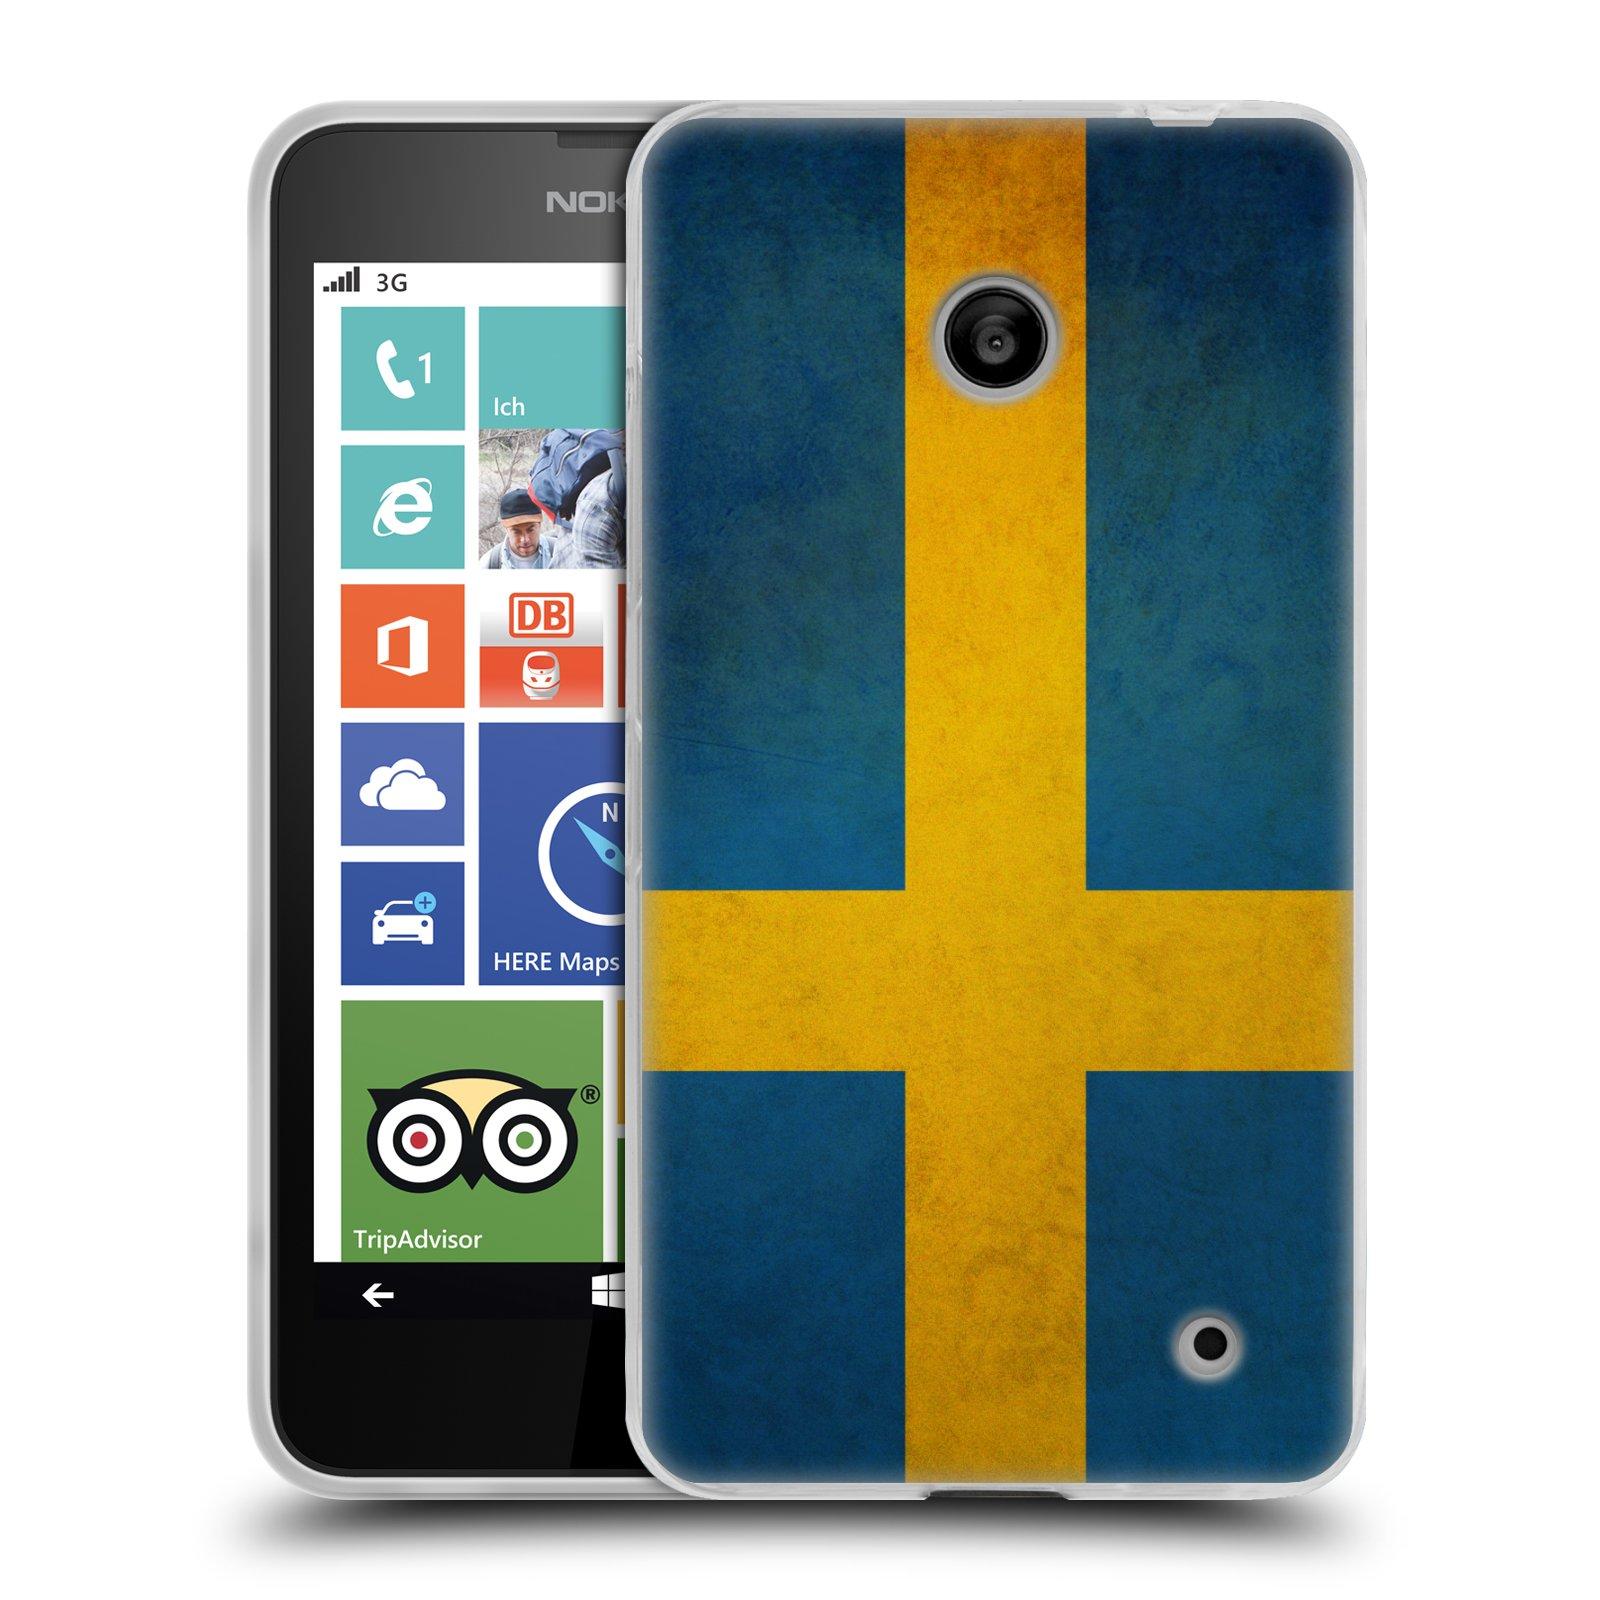 Silikonové pouzdro na mobil Nokia Lumia 630 HEAD CASE VLAJKA ŠVÉDSKO (Silikonový kryt či obal na mobilní telefon Nokia Lumia 630 a Nokia Lumia 630 Dual SIM)